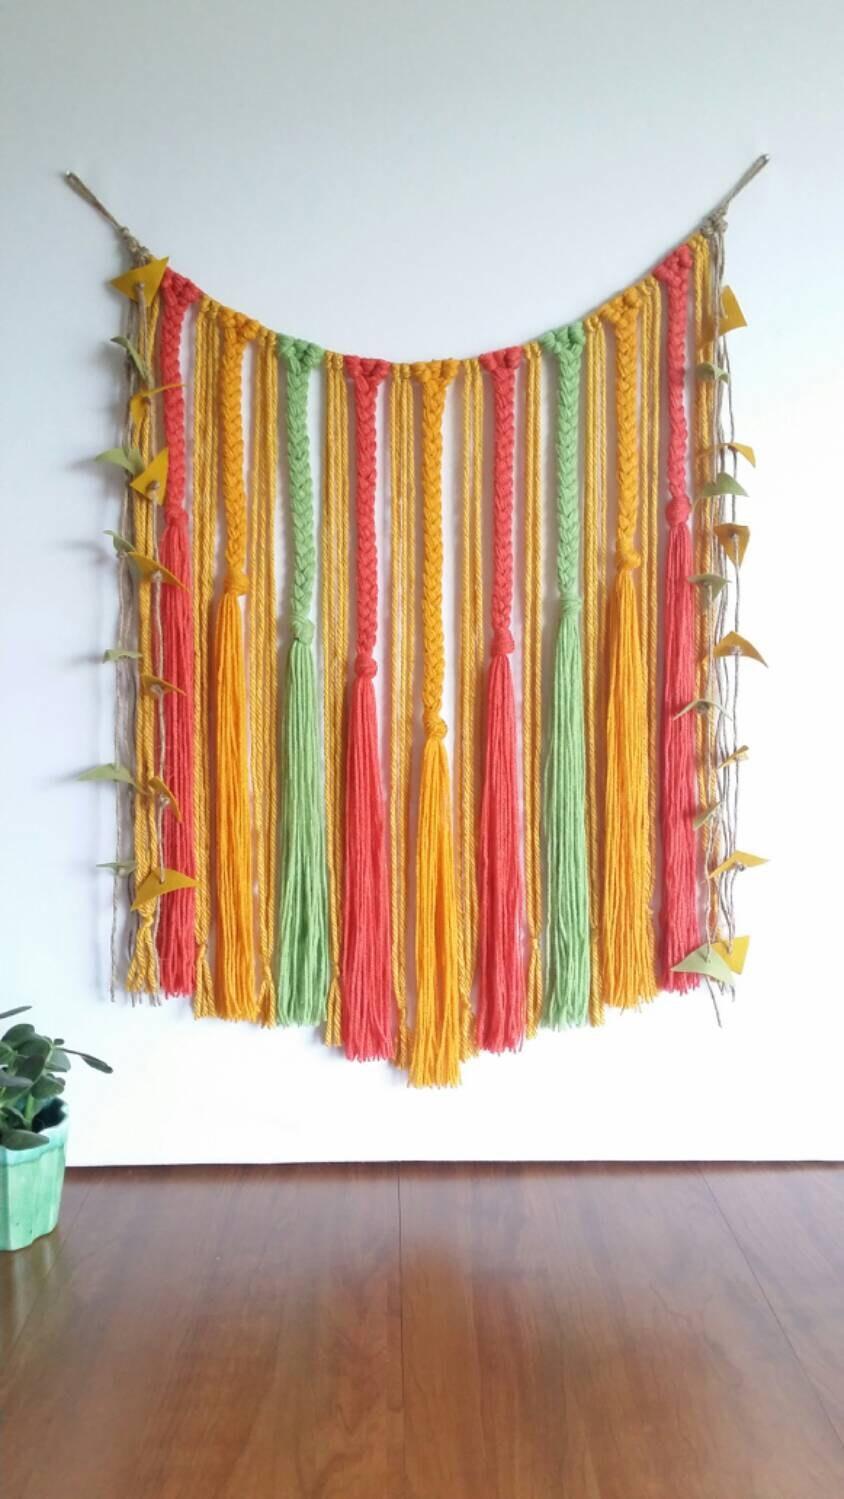 Yarn wall hanging braided colorful wool felt bohemian for Yarn wall hanging